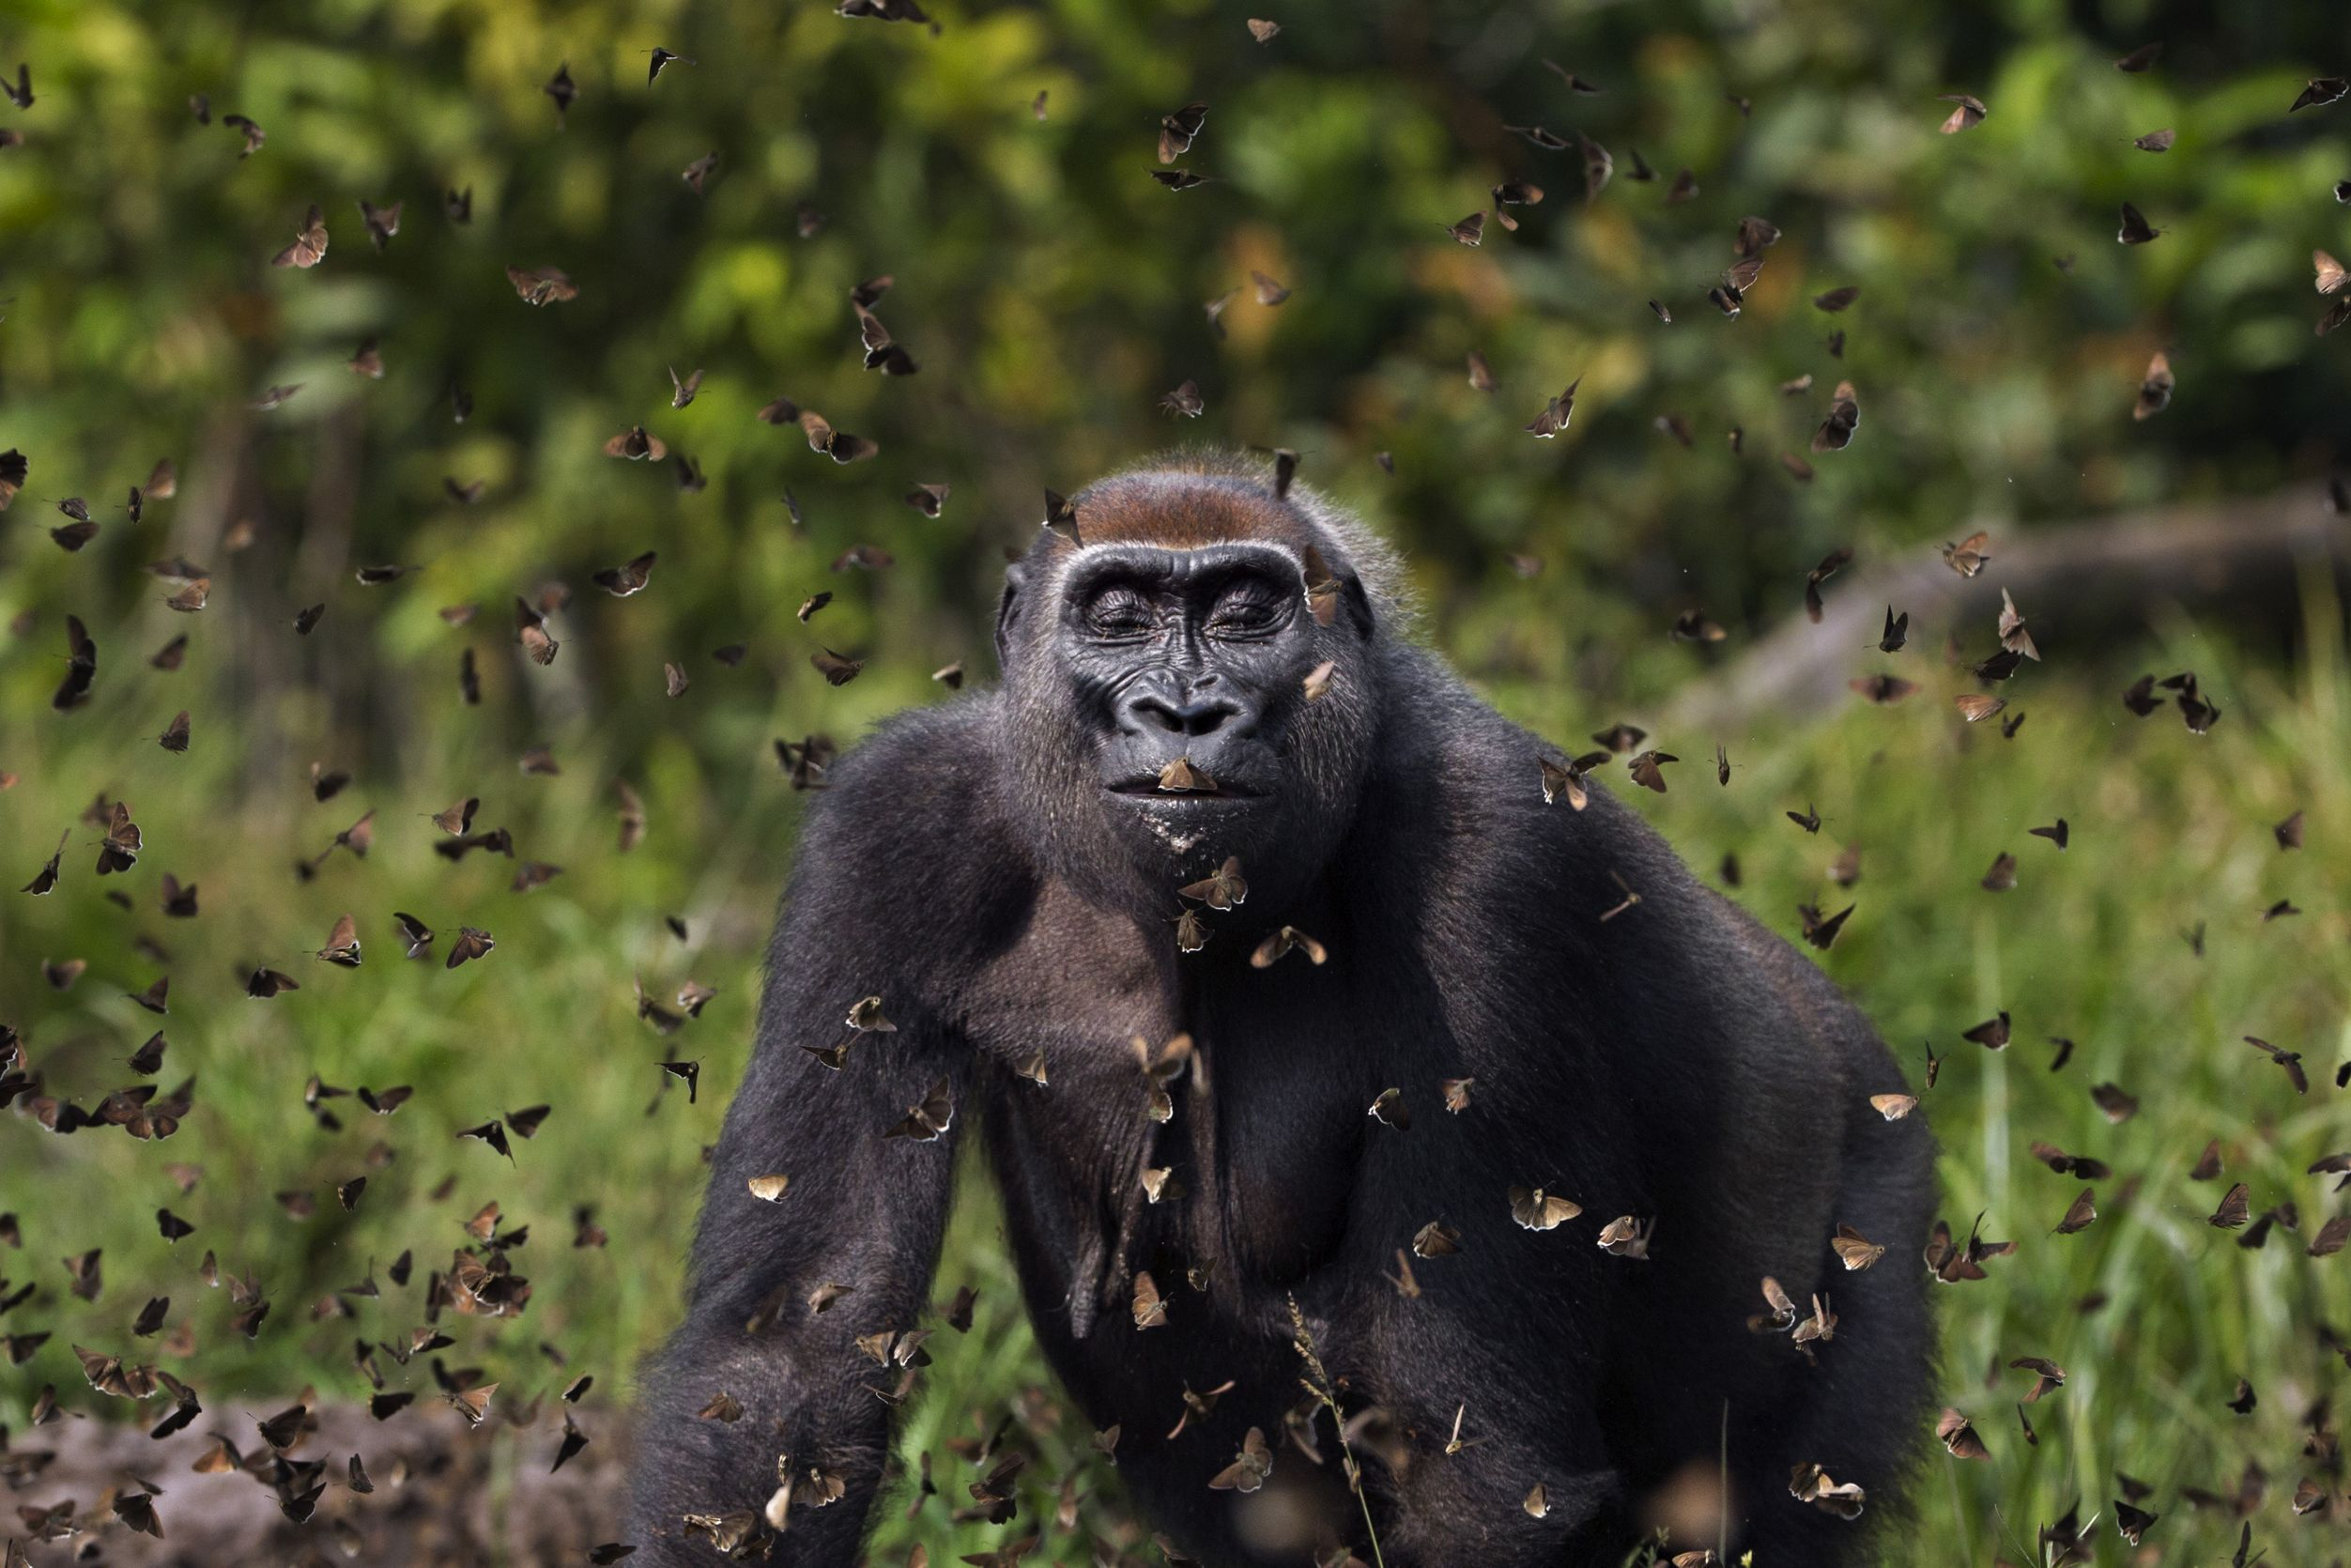 Gorila caminando entre una nube de mariposas